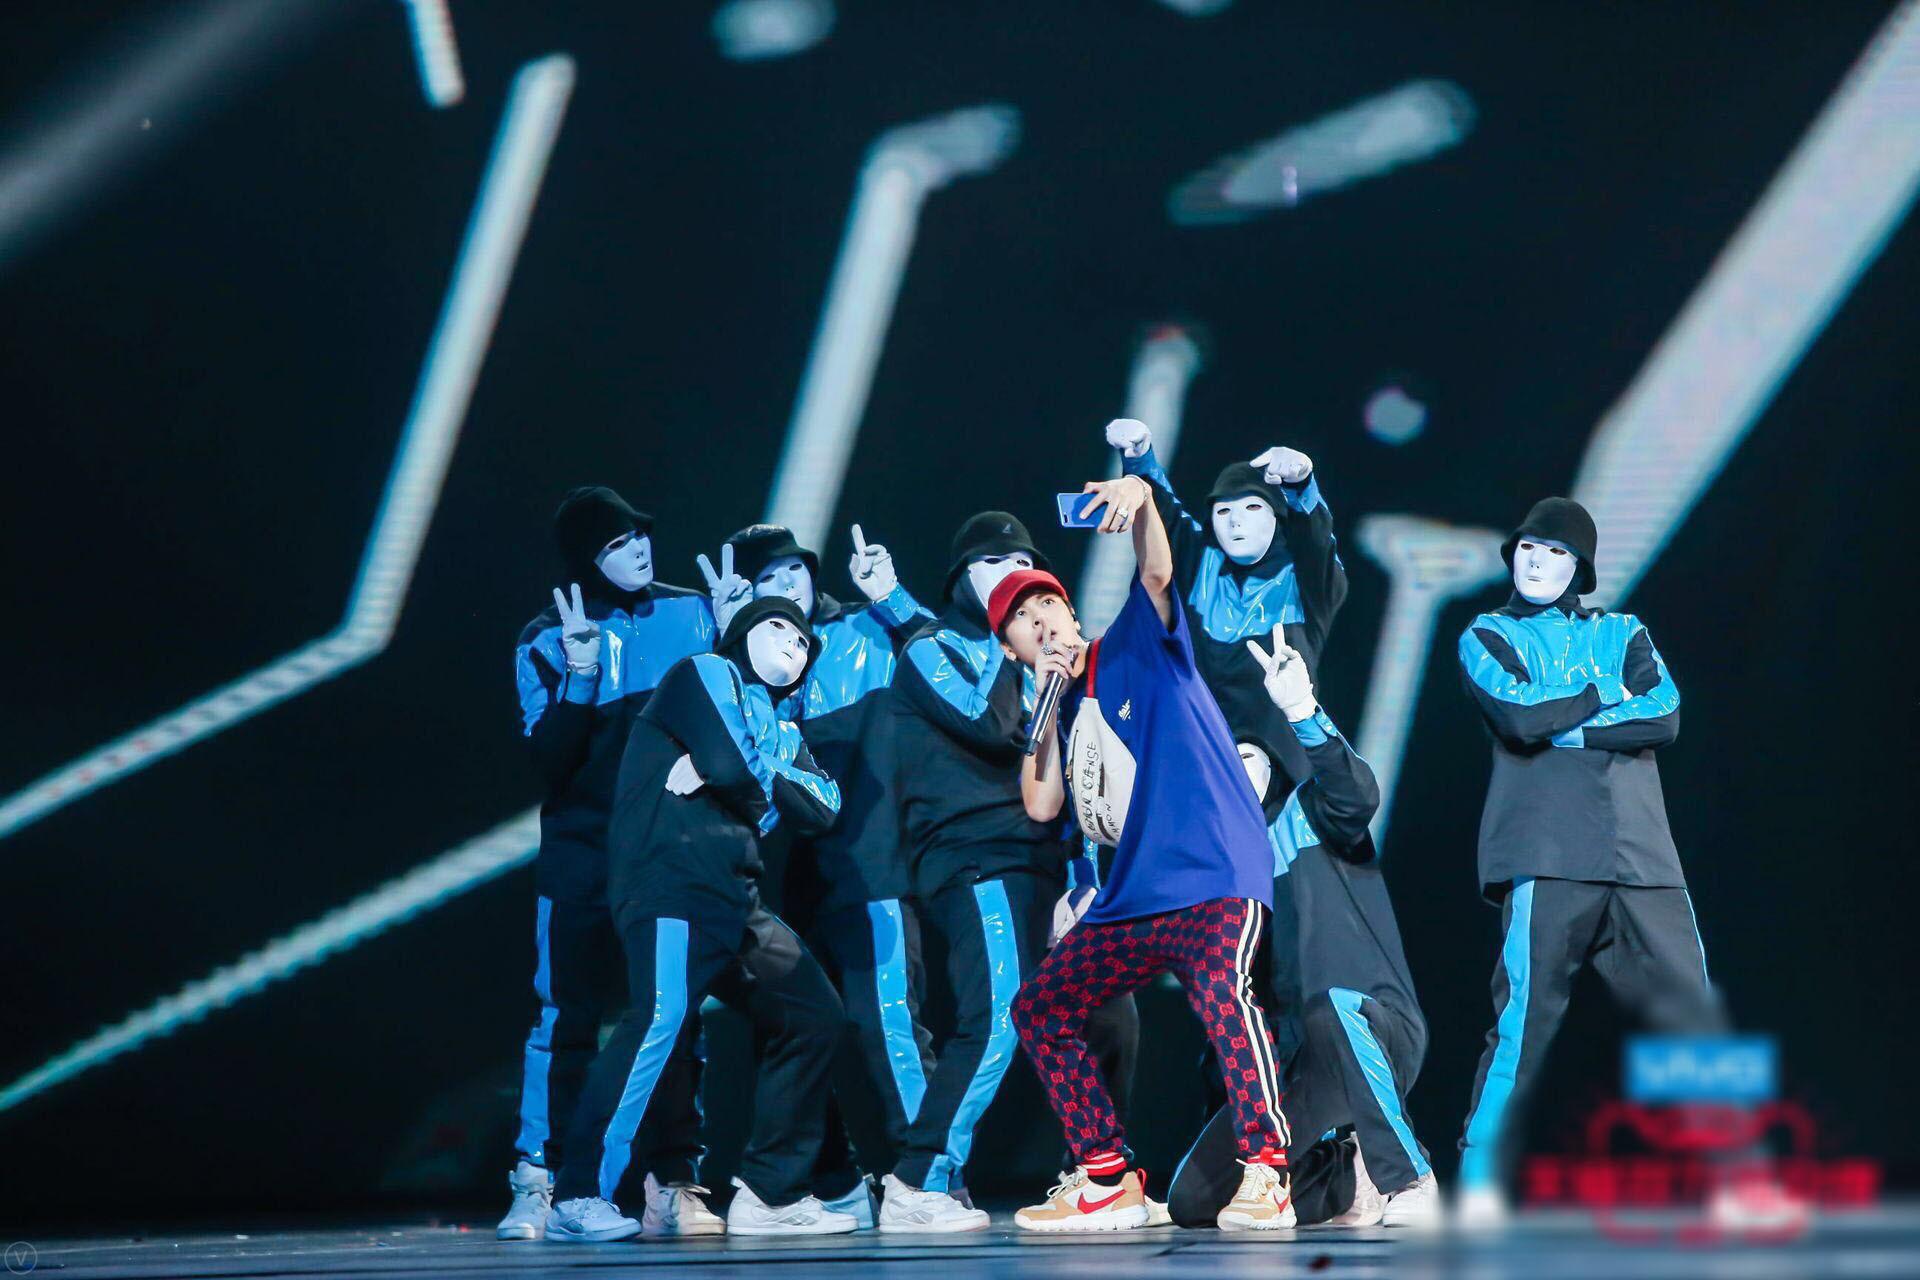 王嘉尔新歌舞台正能量 主持表演两不误 -96227a47e2984b42b5d6811004ef7242